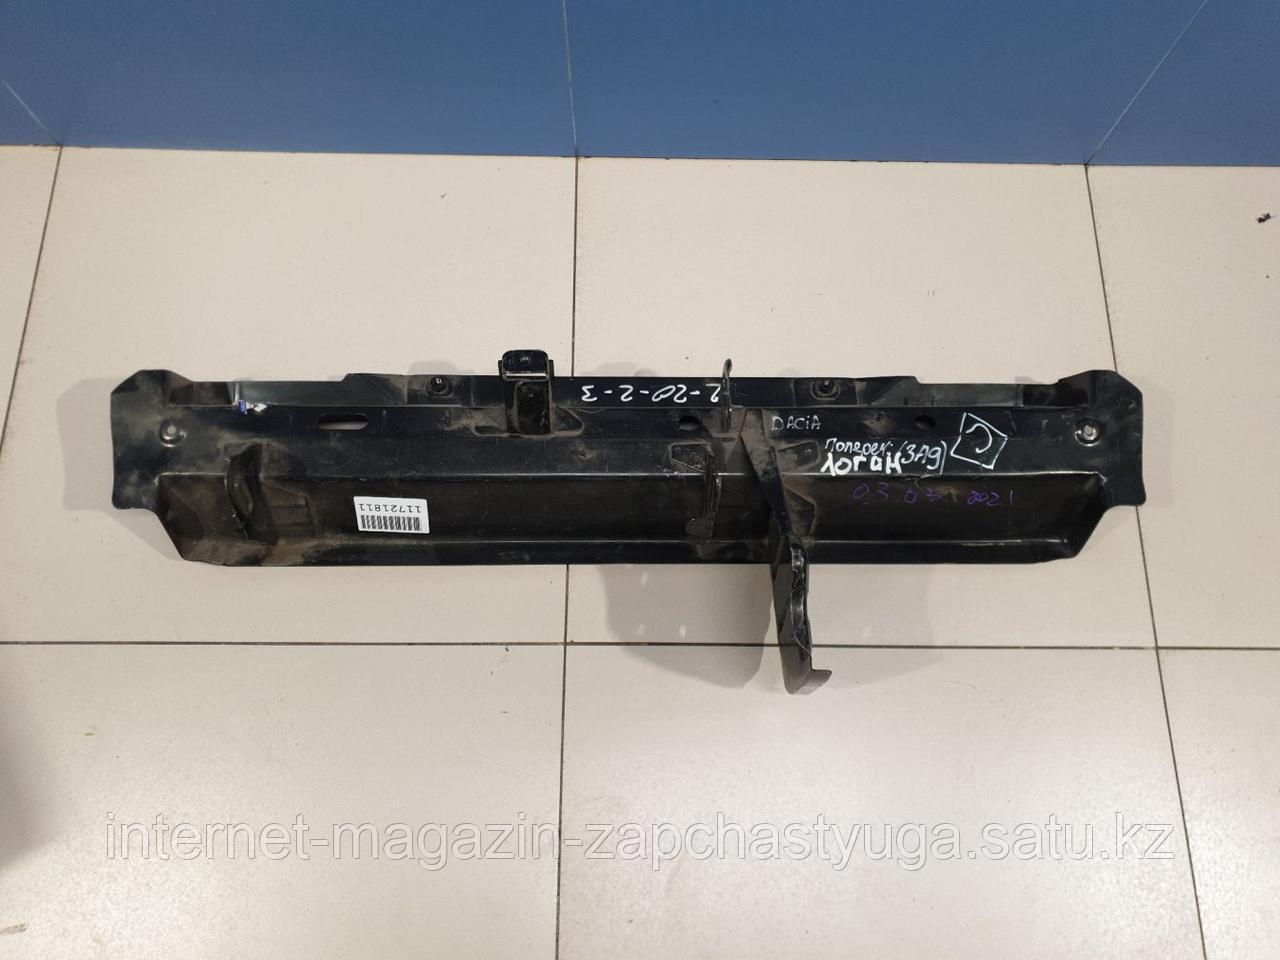 756509168R Поперечина кузова задняя для Renault Logan 2005-2014 Б/У - фото 1